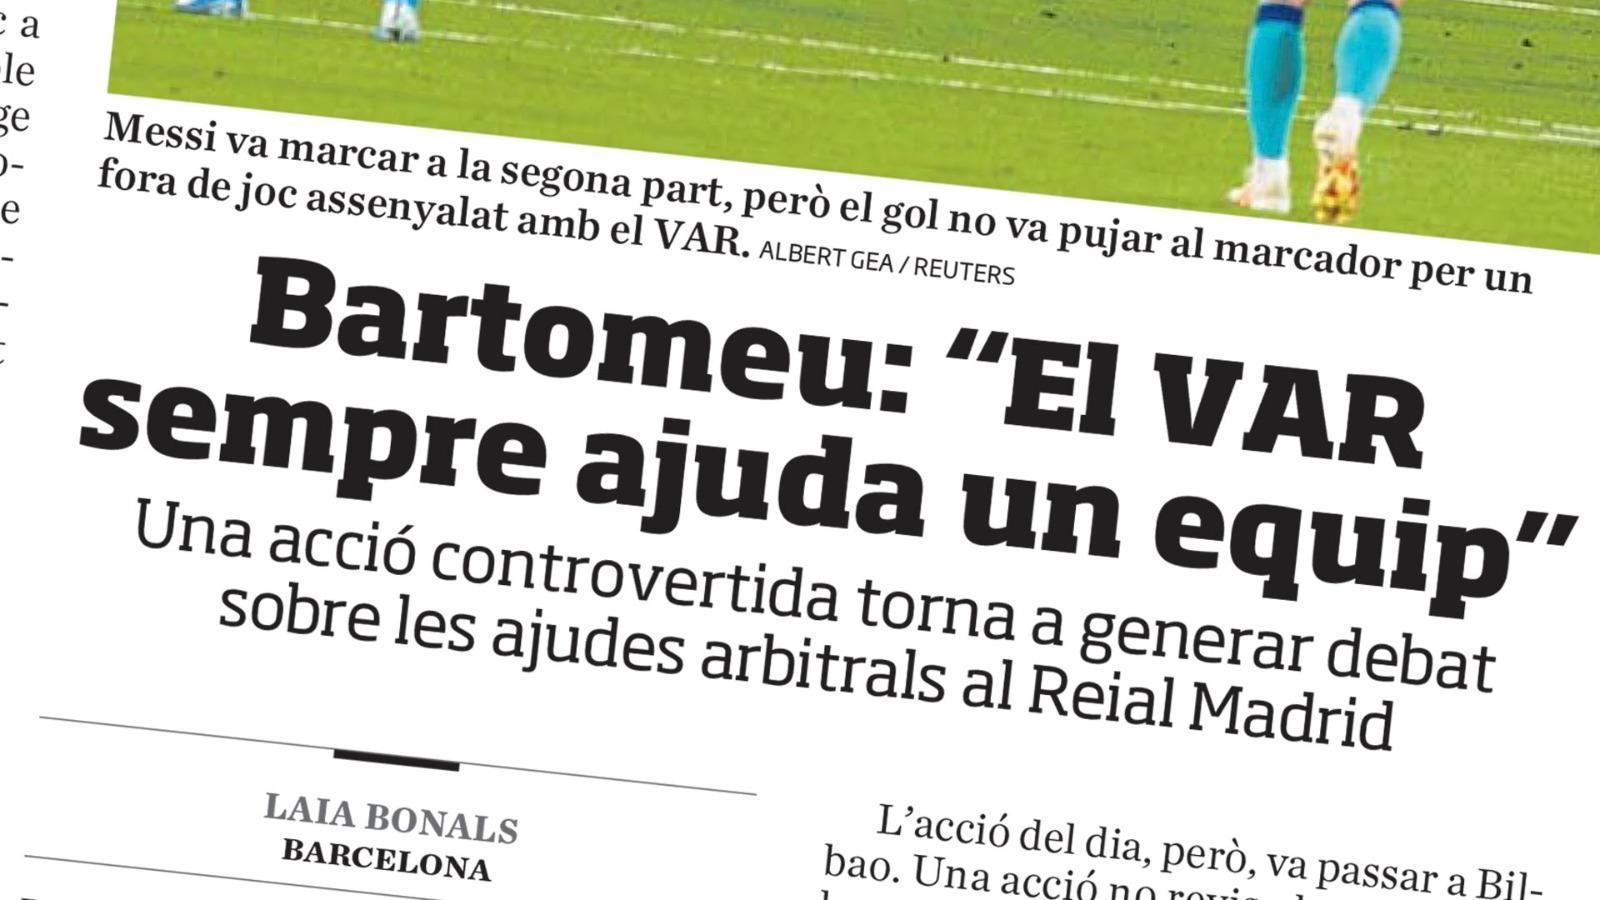 Lleida en confinament, 320 milions en adjudicacions urgents i el VAR torna a ajudar el Madrid: les claus del dia, amb Antoni Bassas (06/07/2020)